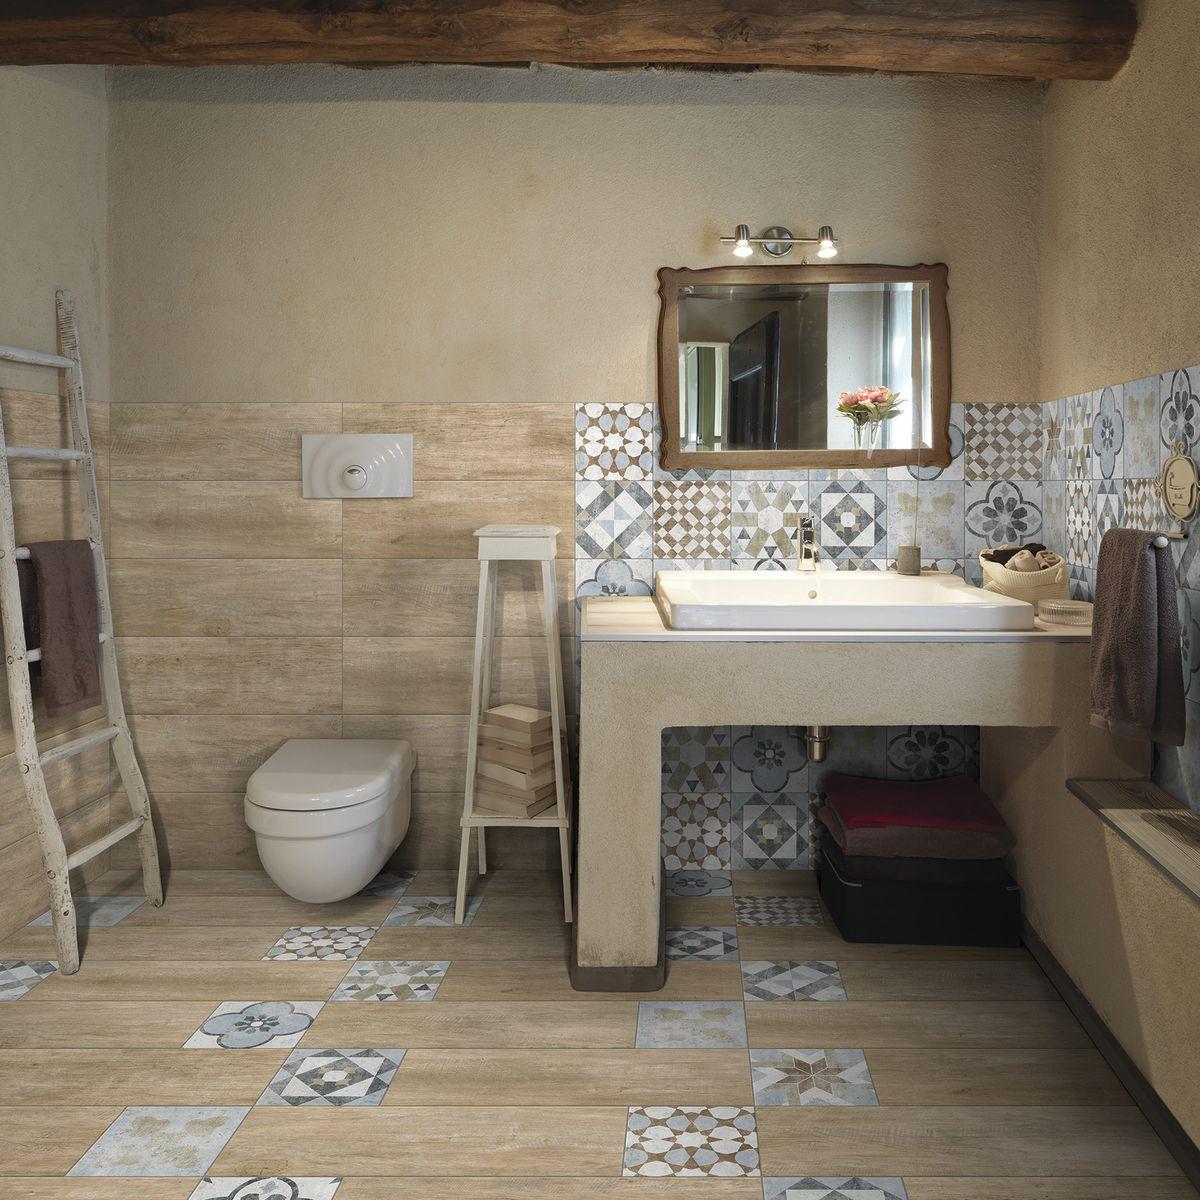 Piastrella villa 20 x 20 cm multicolor prezzi e offerte - Piastrelle leroy merlin ...